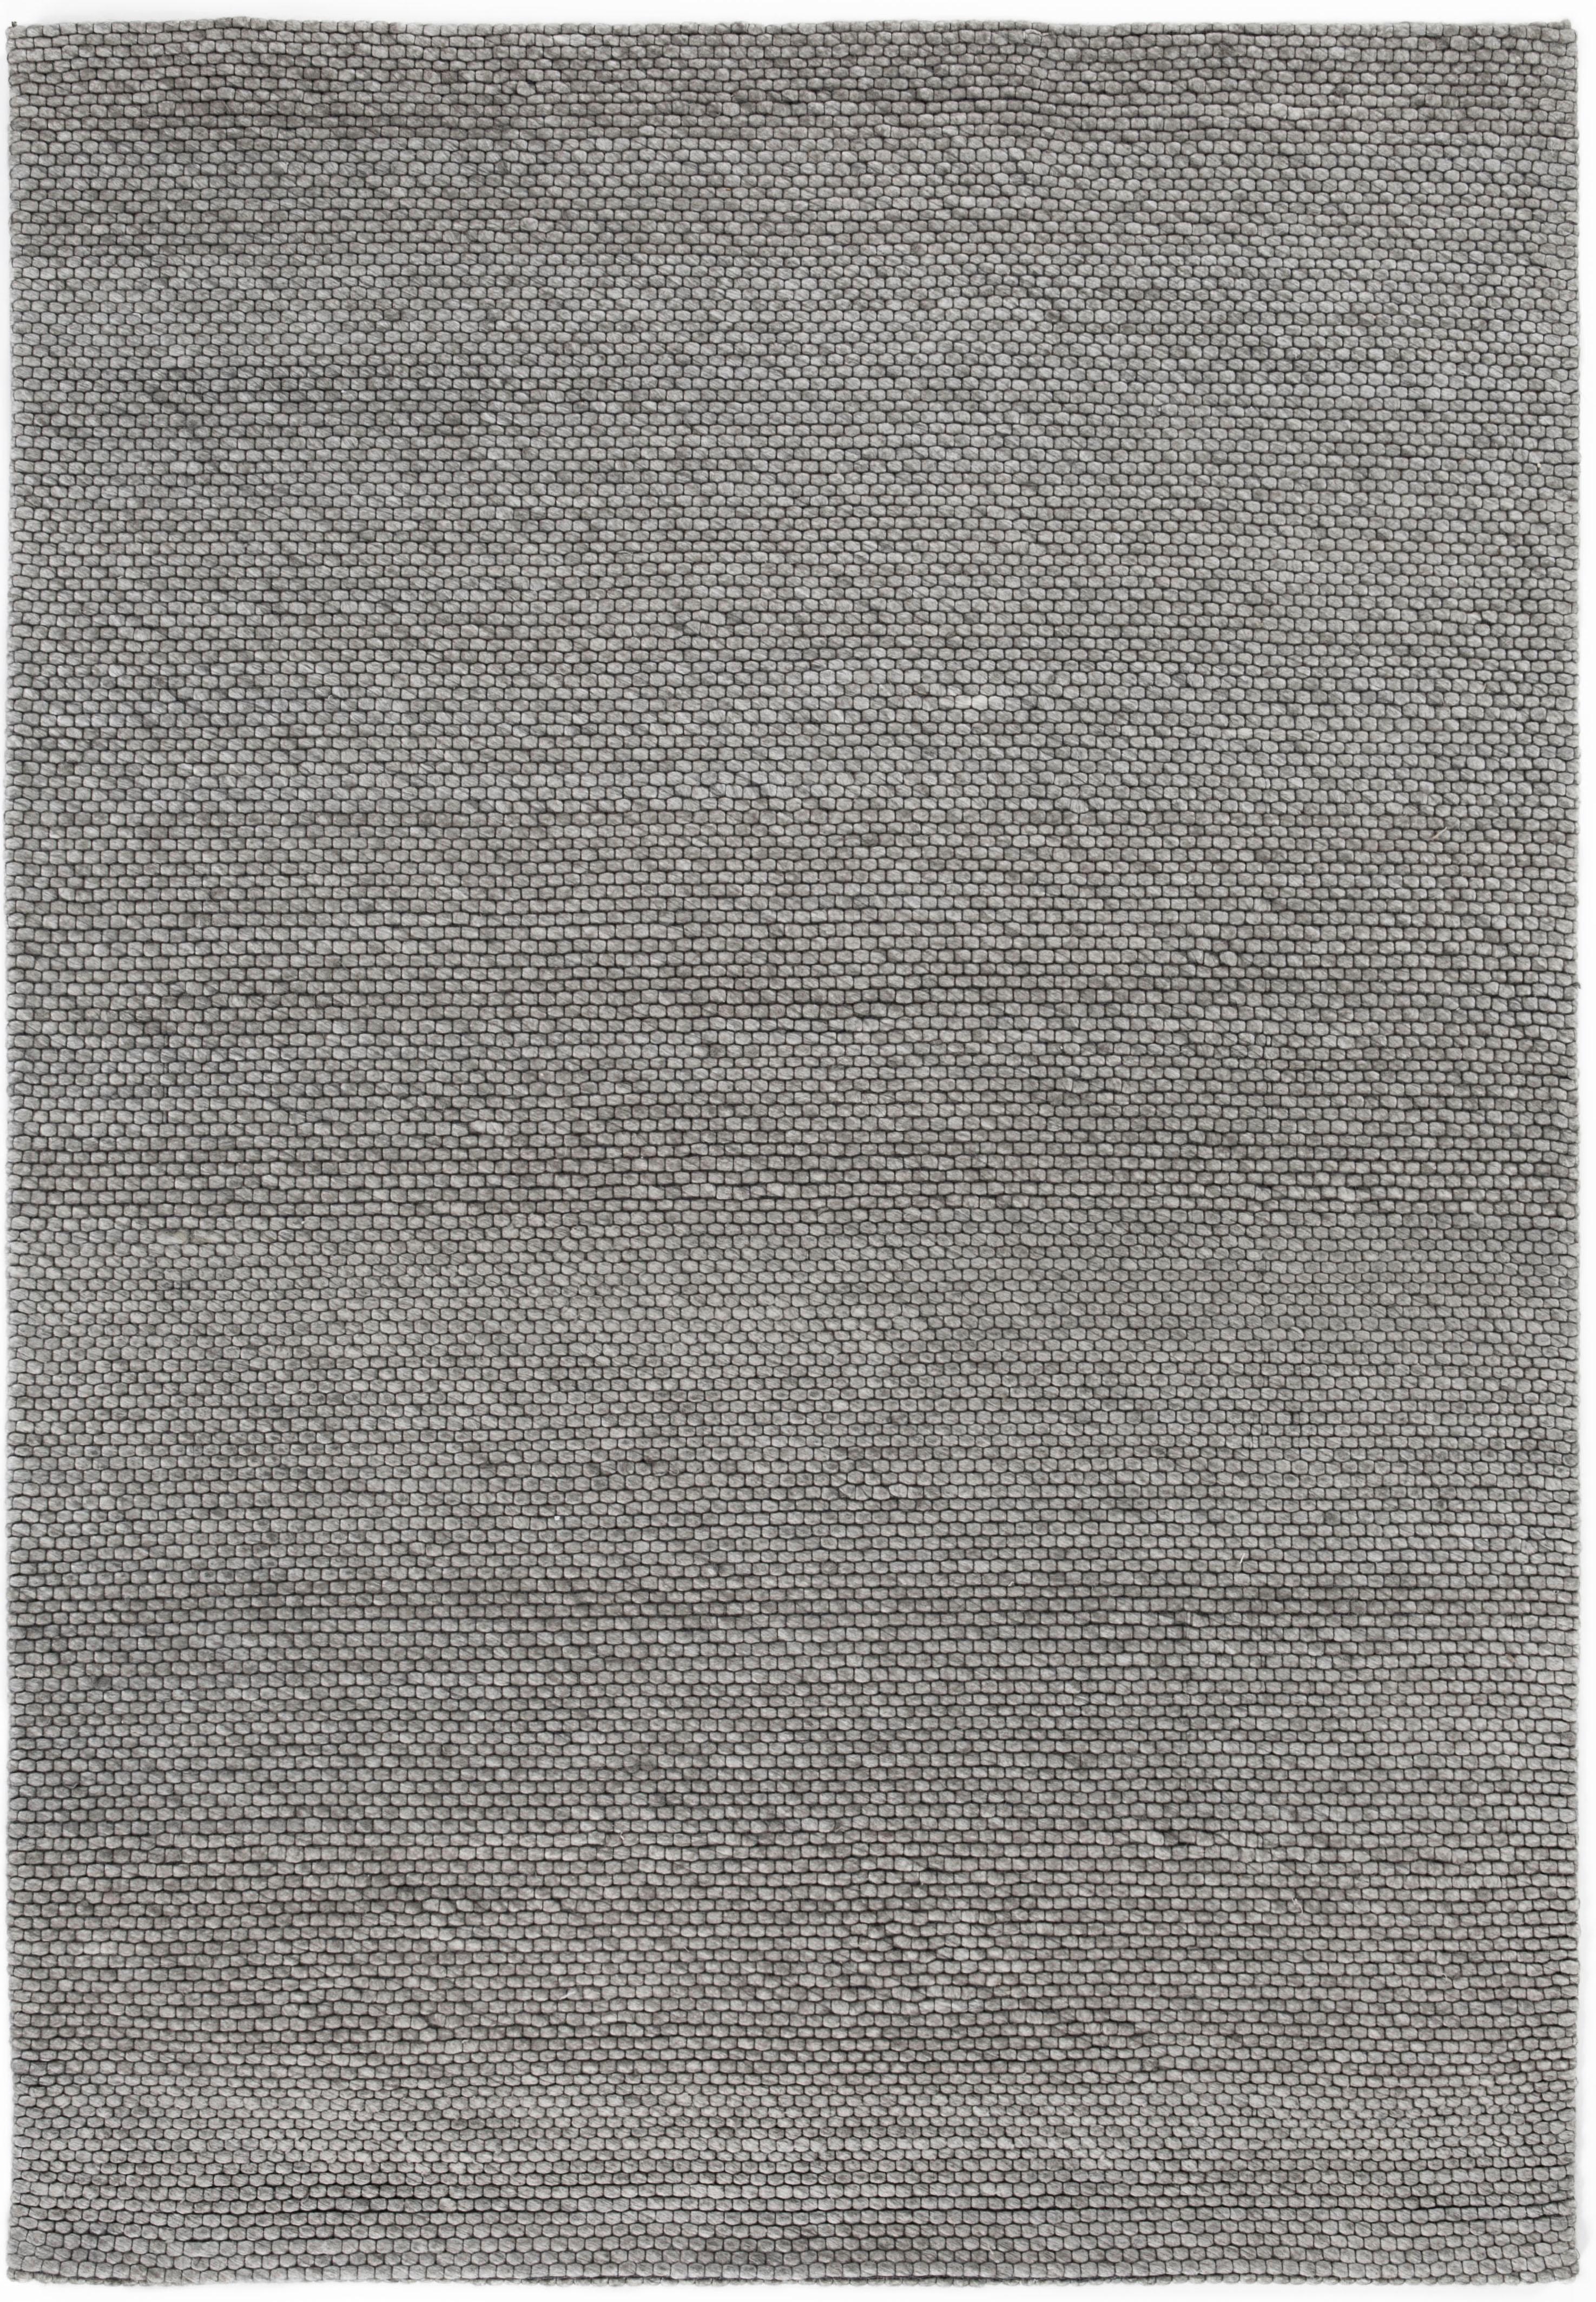 Teppich Brave Barbara Becker rechteckig Höhe 12 mm handgewebt